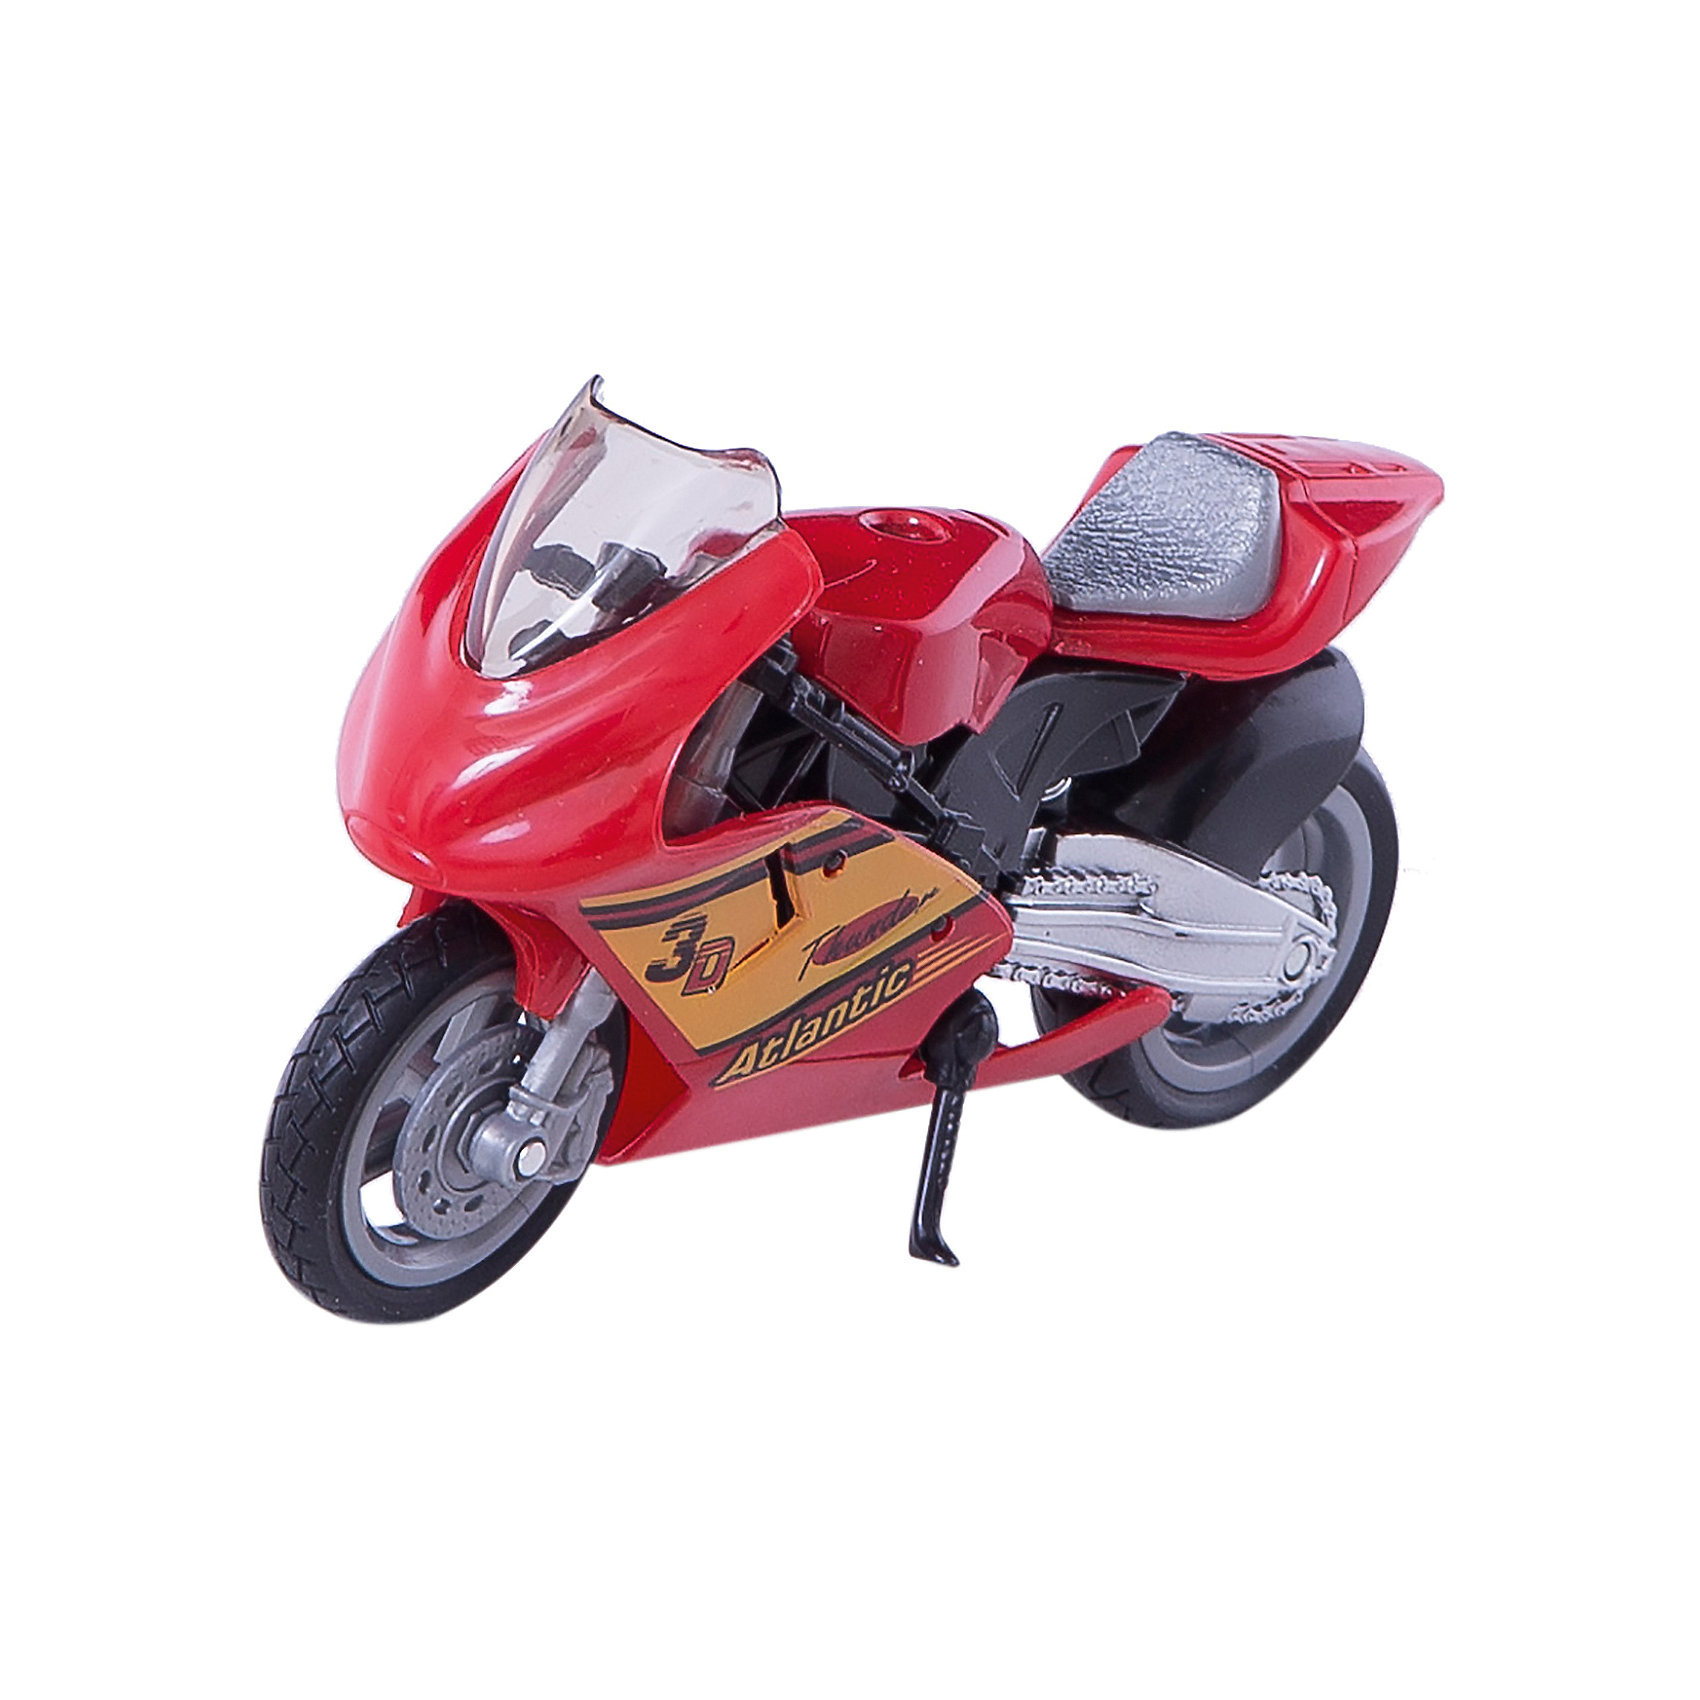 Мотоцикл MARANELLO FIREWALL Z4, 1:18Любой мальчишка придет в восторг от такого яркого и прекрасно детализированного мотоцикла! Модель выполнена в масштабе 1:18, имеет вращающиеся колеса с резиновыми шинами. Изготовлена из металла, реалистично раскрашена. <br><br>Дополнительная информация:<br><br>- Материал: пластик, металл.<br>- Масштаб: 1:18.<br>- Колеса подвижные.<br><br>Машину MARANELLO FIREWALL Z4, 1:18, можно купить в нашем магазине.<br><br>Ширина мм: 140<br>Глубина мм: 45<br>Высота мм: 83<br>Вес г: 82<br>Возраст от месяцев: 36<br>Возраст до месяцев: 84<br>Пол: Мужской<br>Возраст: Детский<br>SKU: 4515368